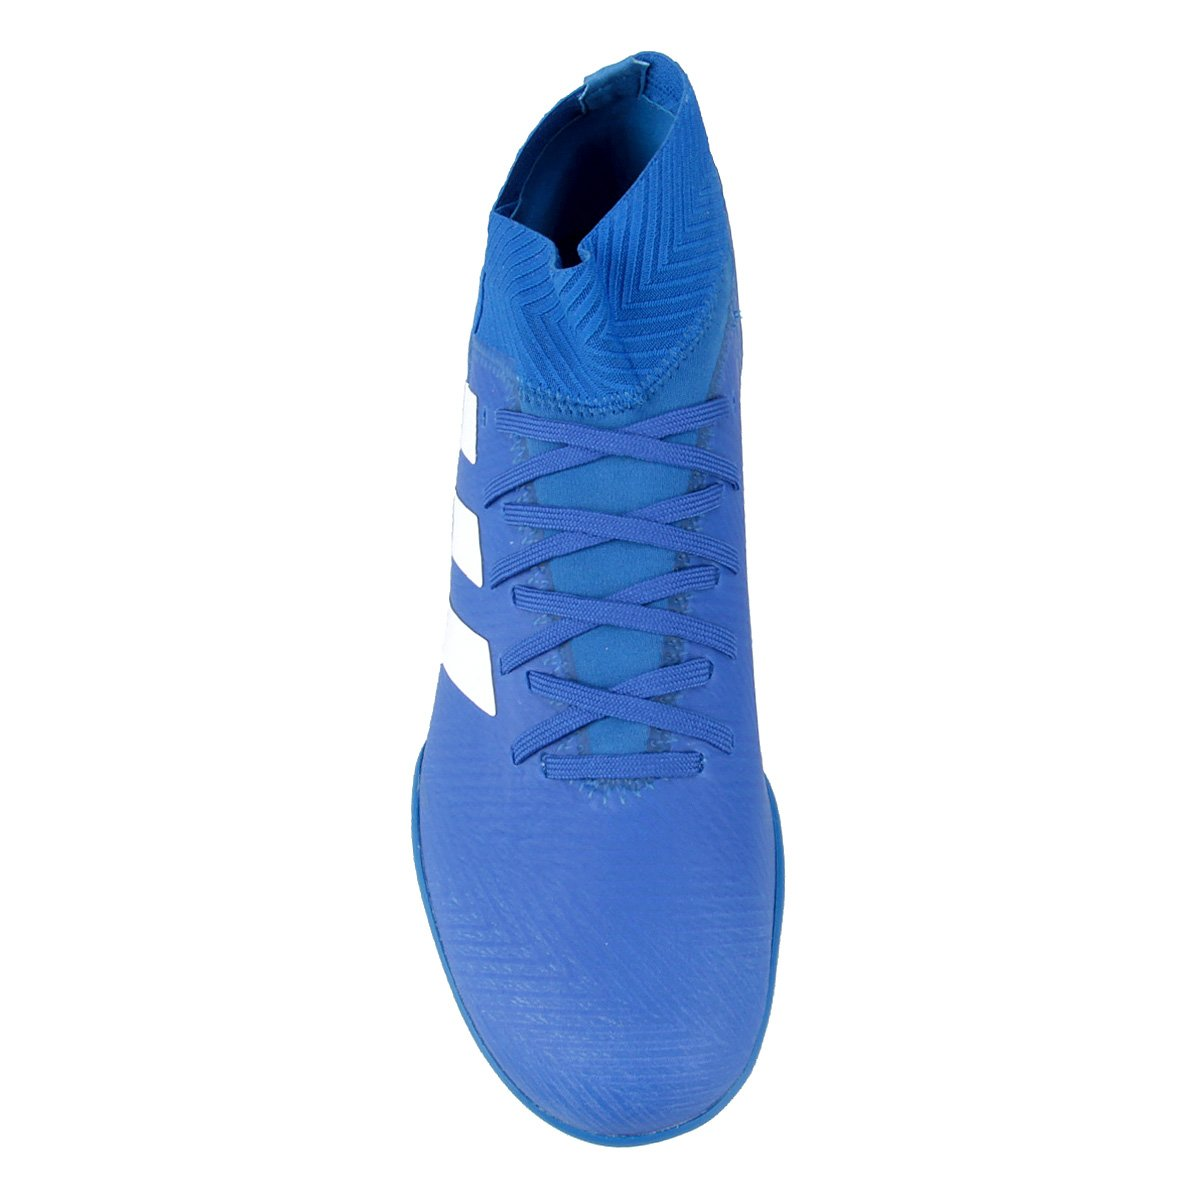 e924b9bed9 Chuteira Society Adidas Nemeziz Tango 18 3 TF - Azul e Branco ...